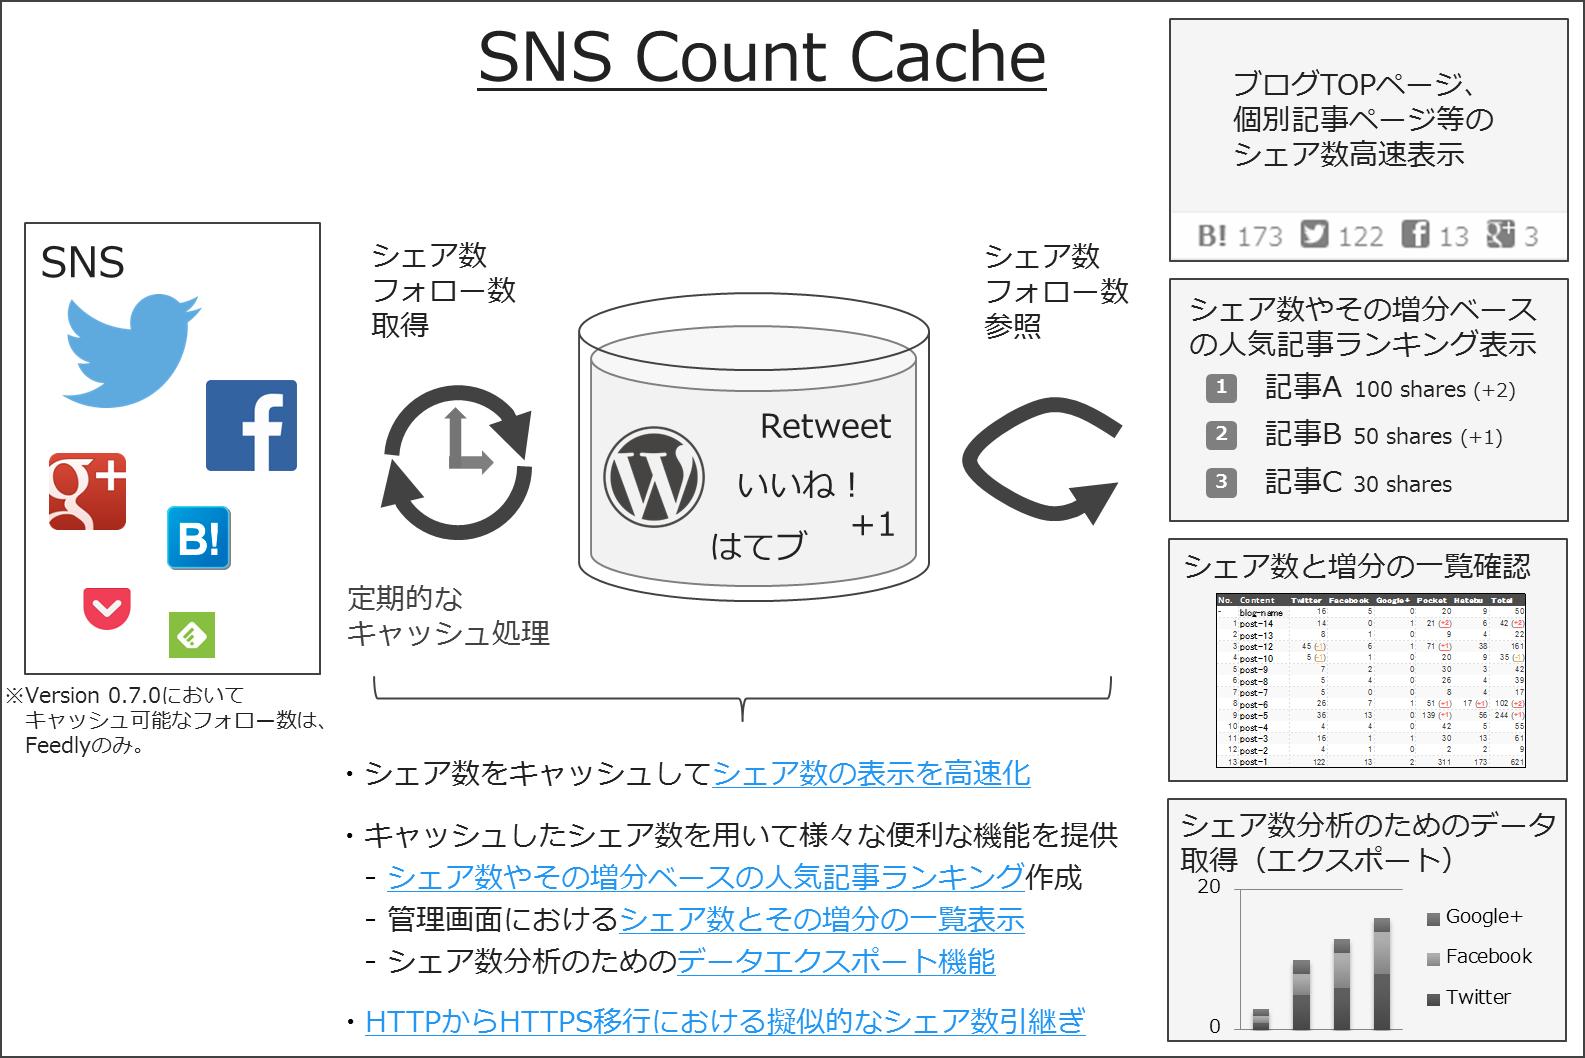 [試] Twitterのシェア数取得先エンドポイント閉鎖がSNS Count Cacheに与える影響と今後の対応